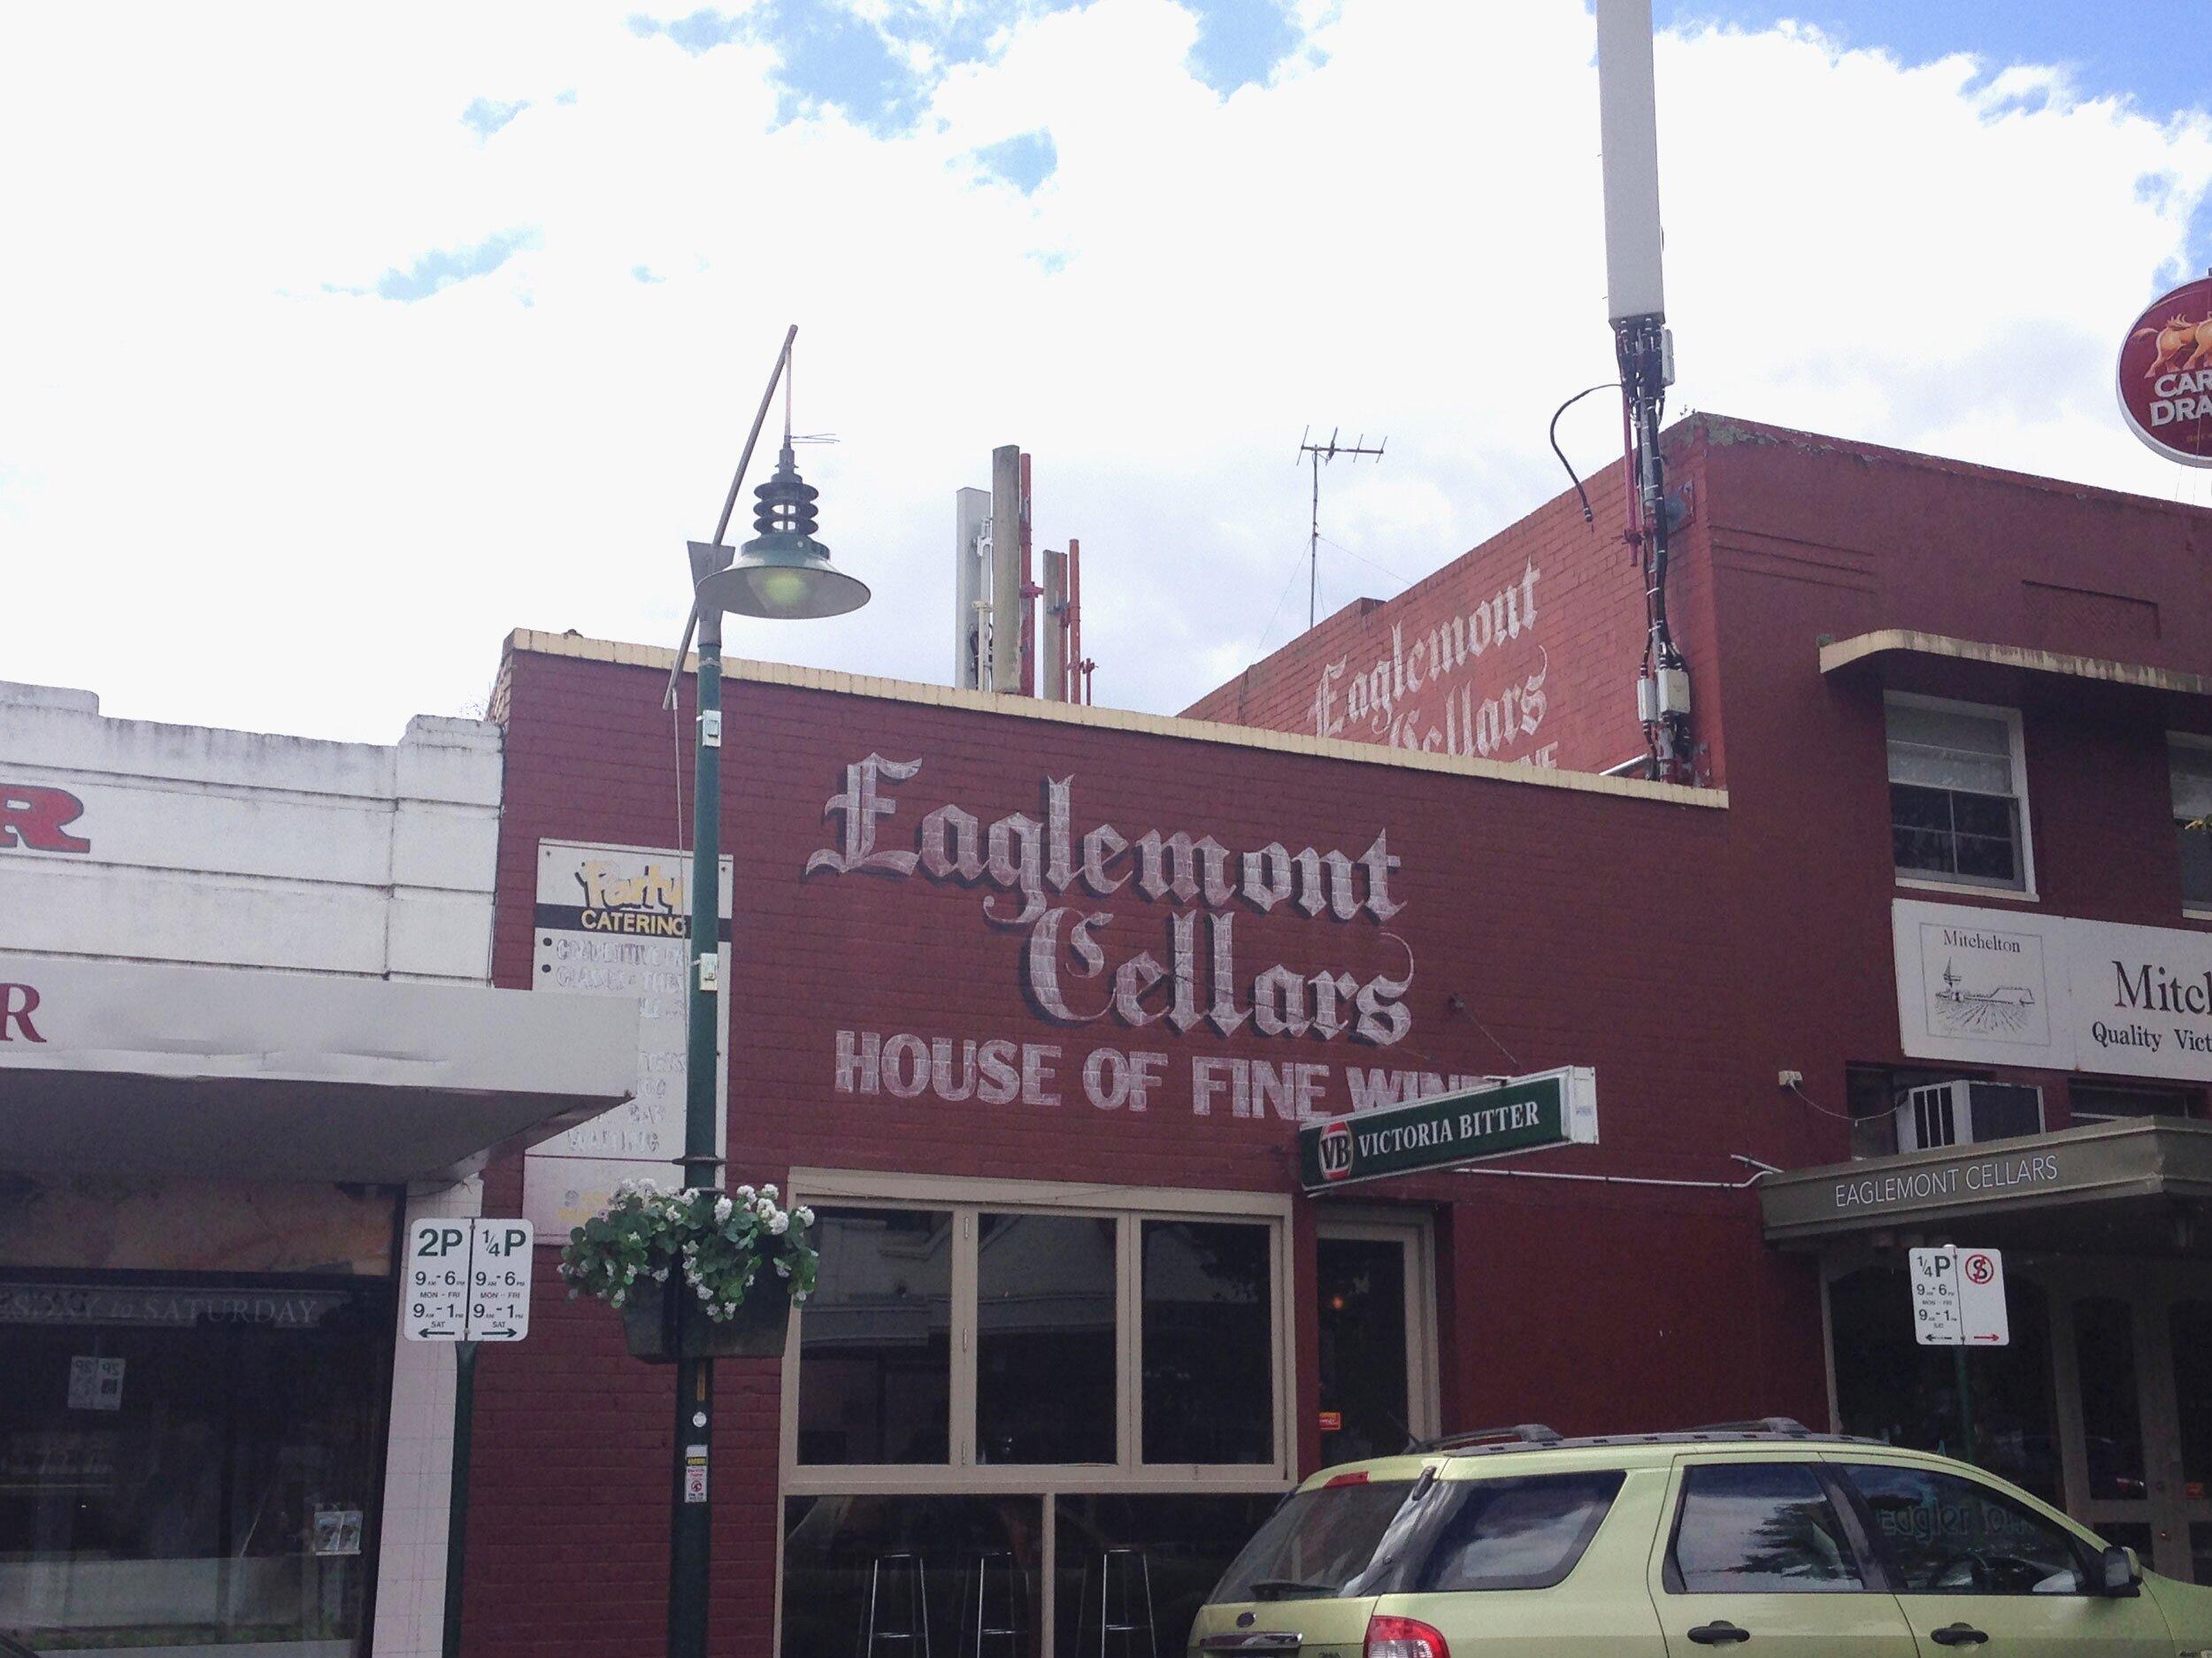 Eaglemont, Australia 2019